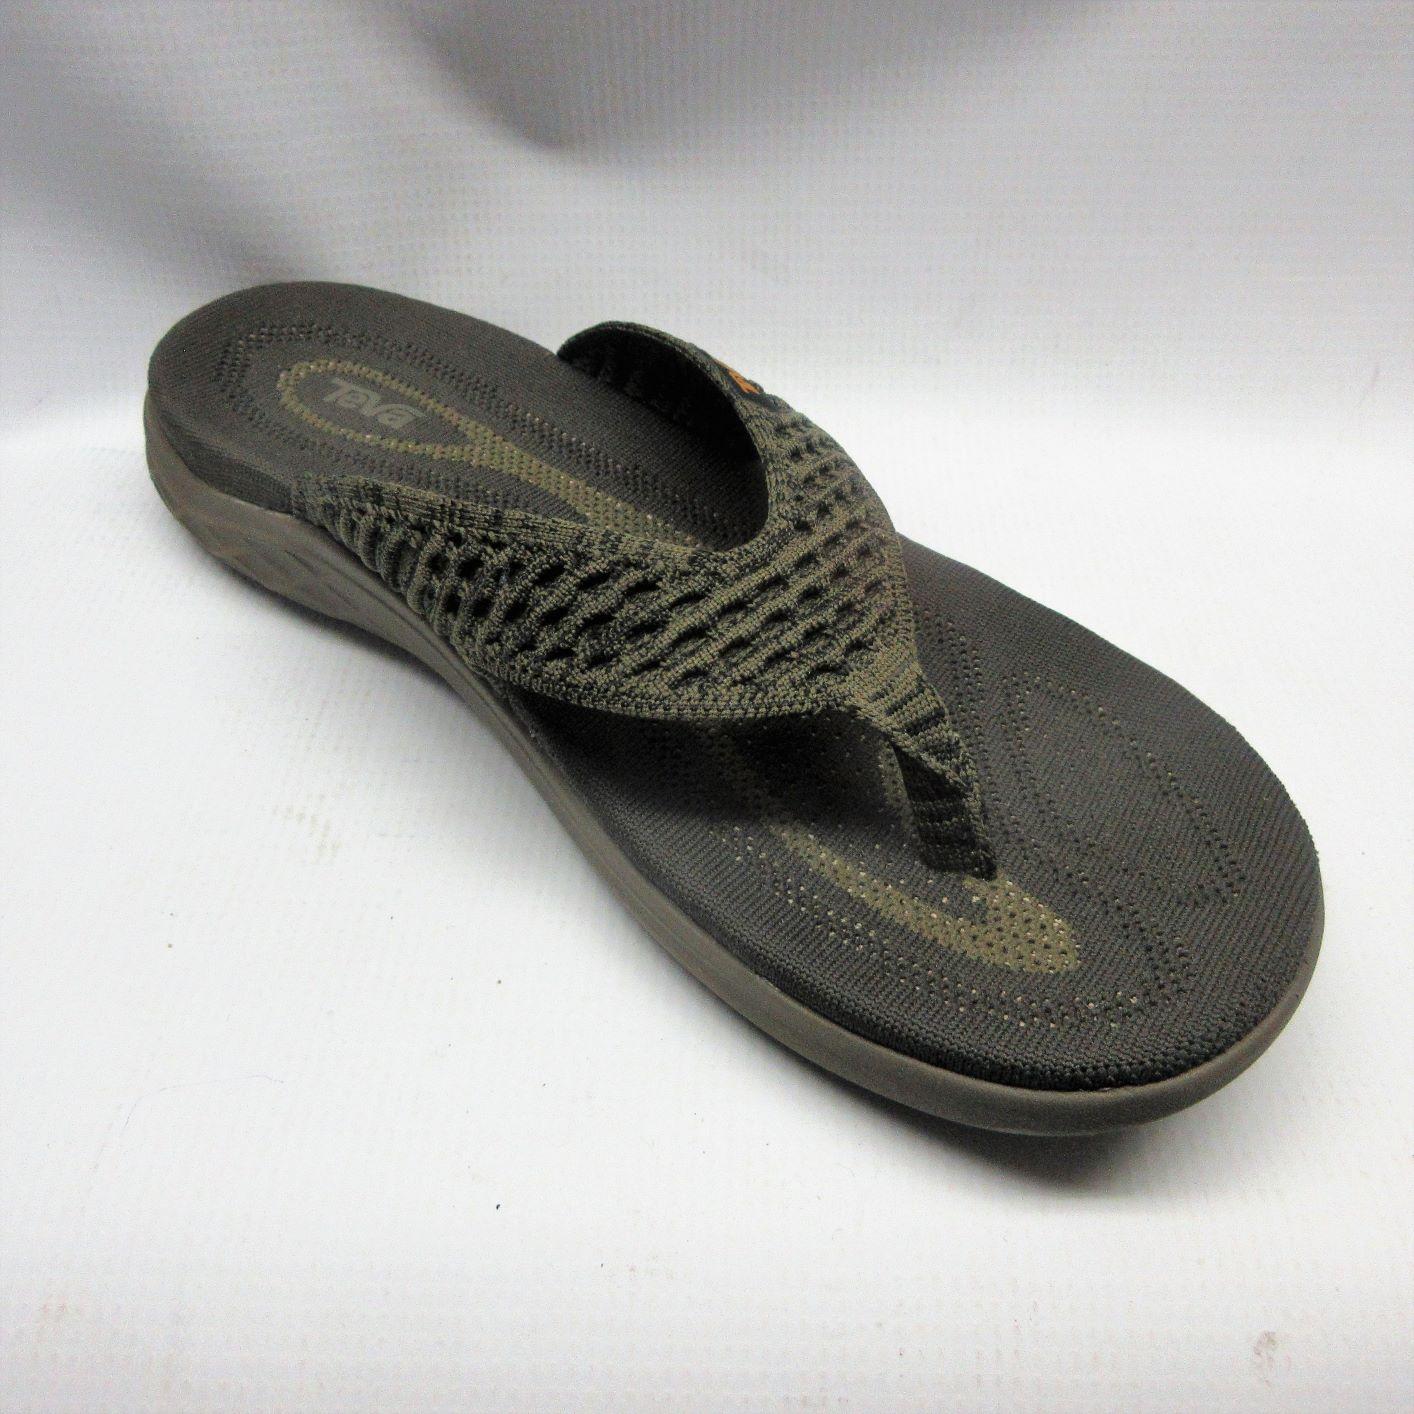 bc88a2000 Teva Sandals Men Terra Float Knit Flip in Olive Size 9 — Cabaline